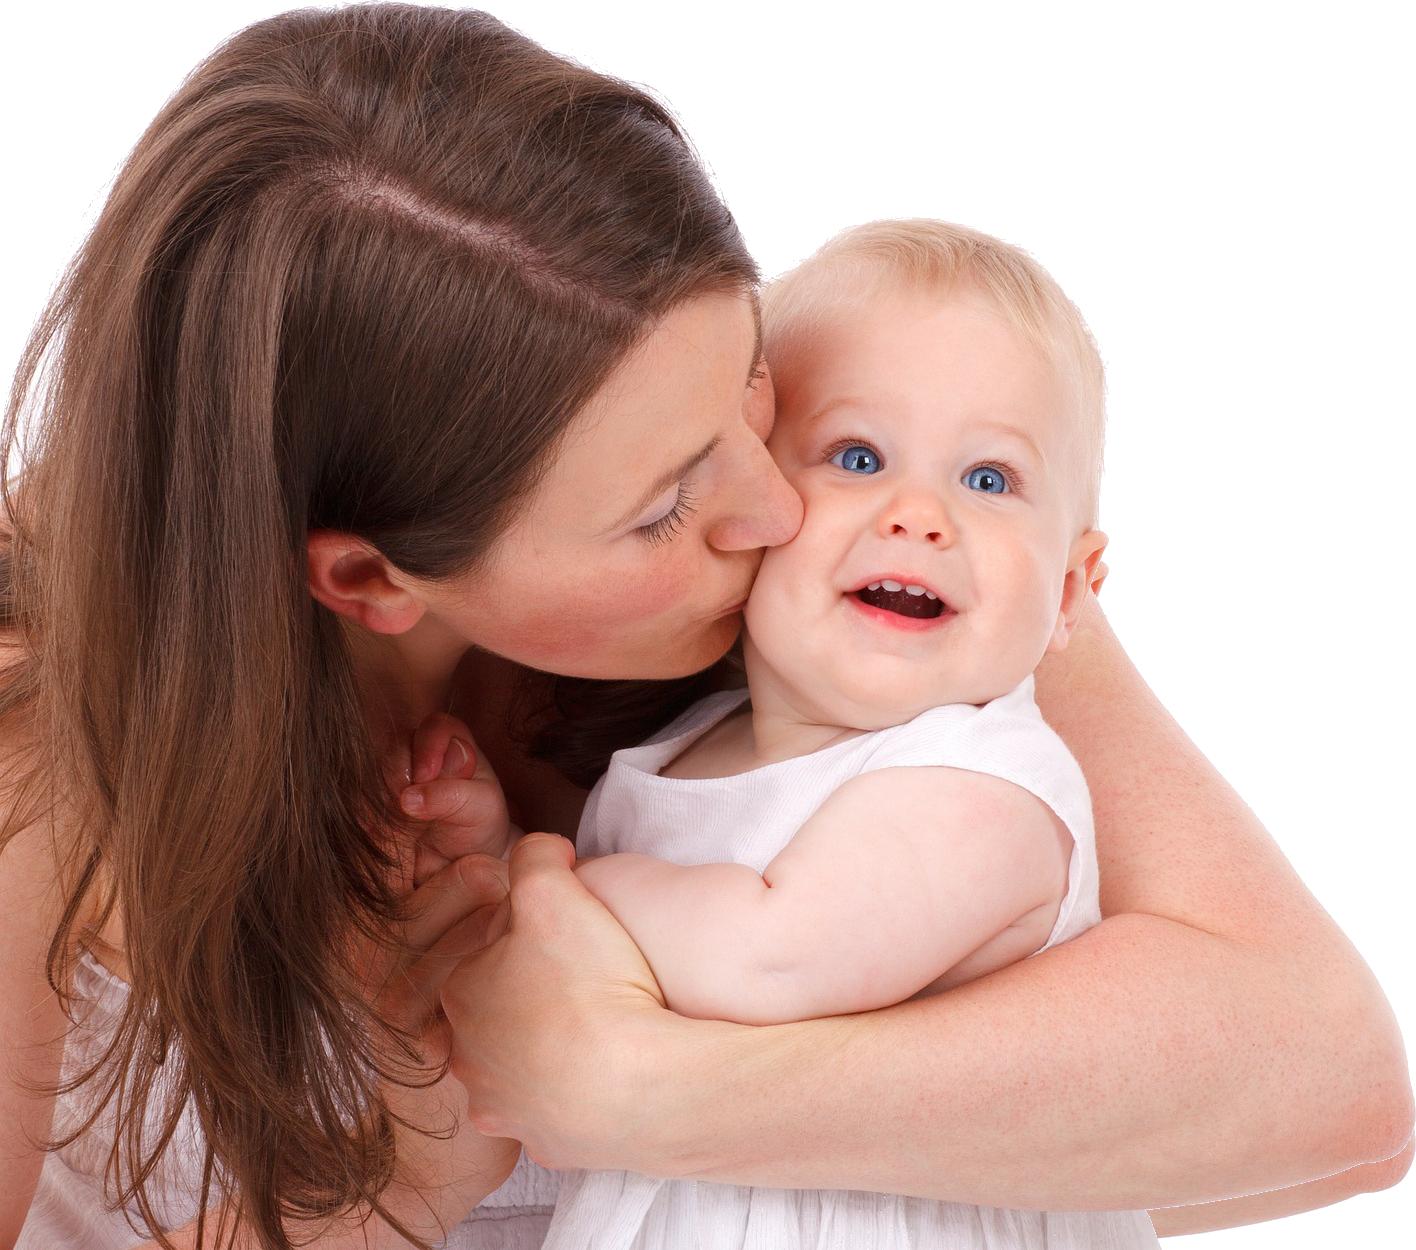 Esercizi in gravidanza: la rieducazione respiratoria che ti aiuterà